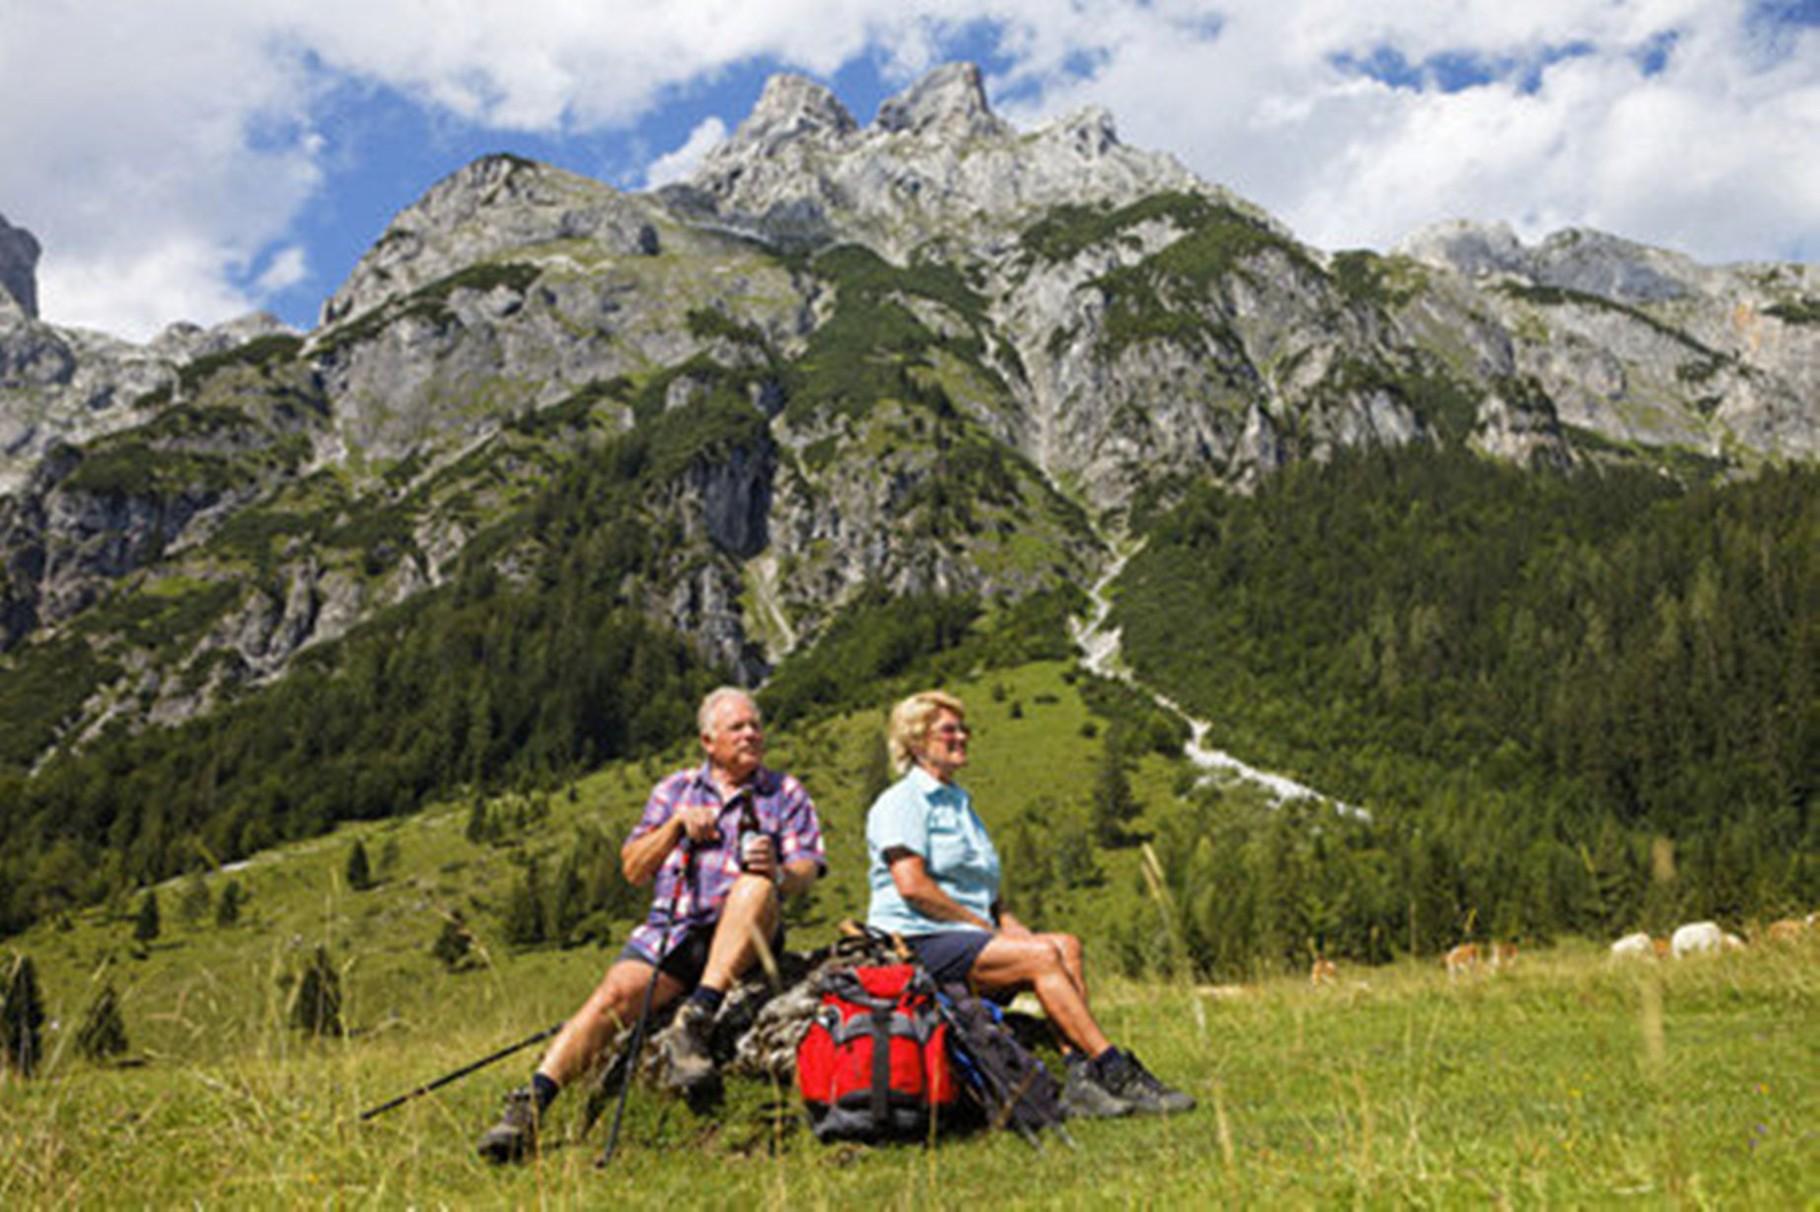 Senioren genießen die herrlichen Berge in unserem schönen Gebiet und nehmen auch öfters ihren Hund auf eine  Wanderung mit